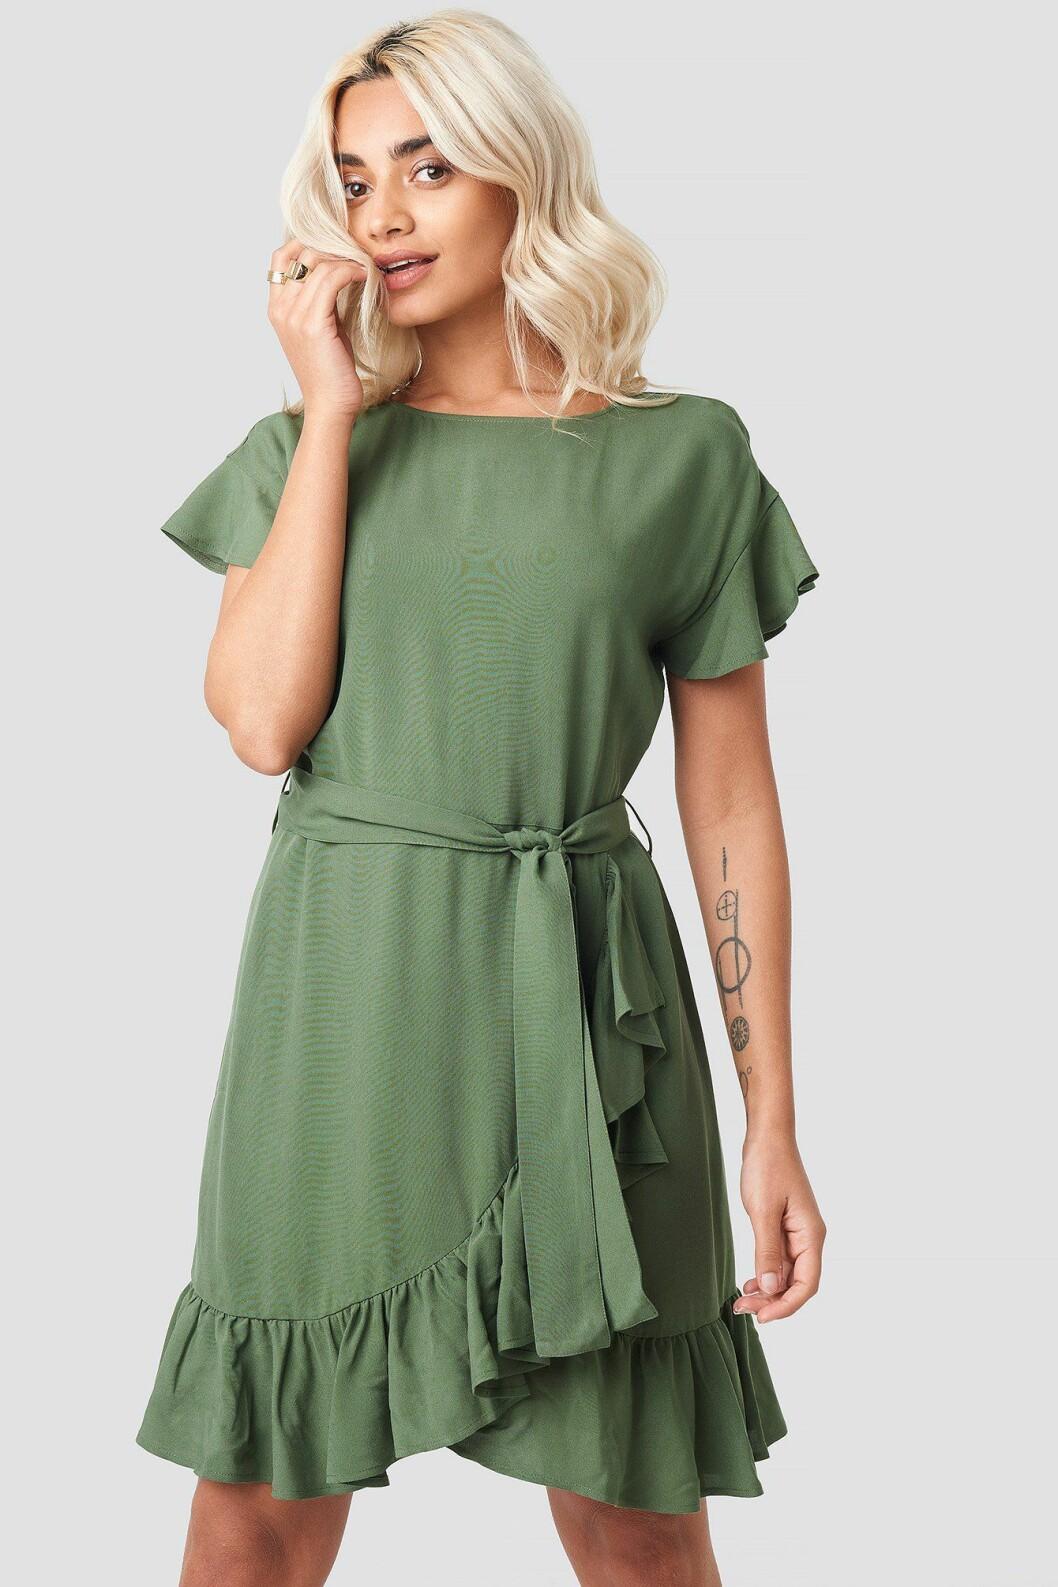 Grön klänning med volanger till skolavslutningen 2019